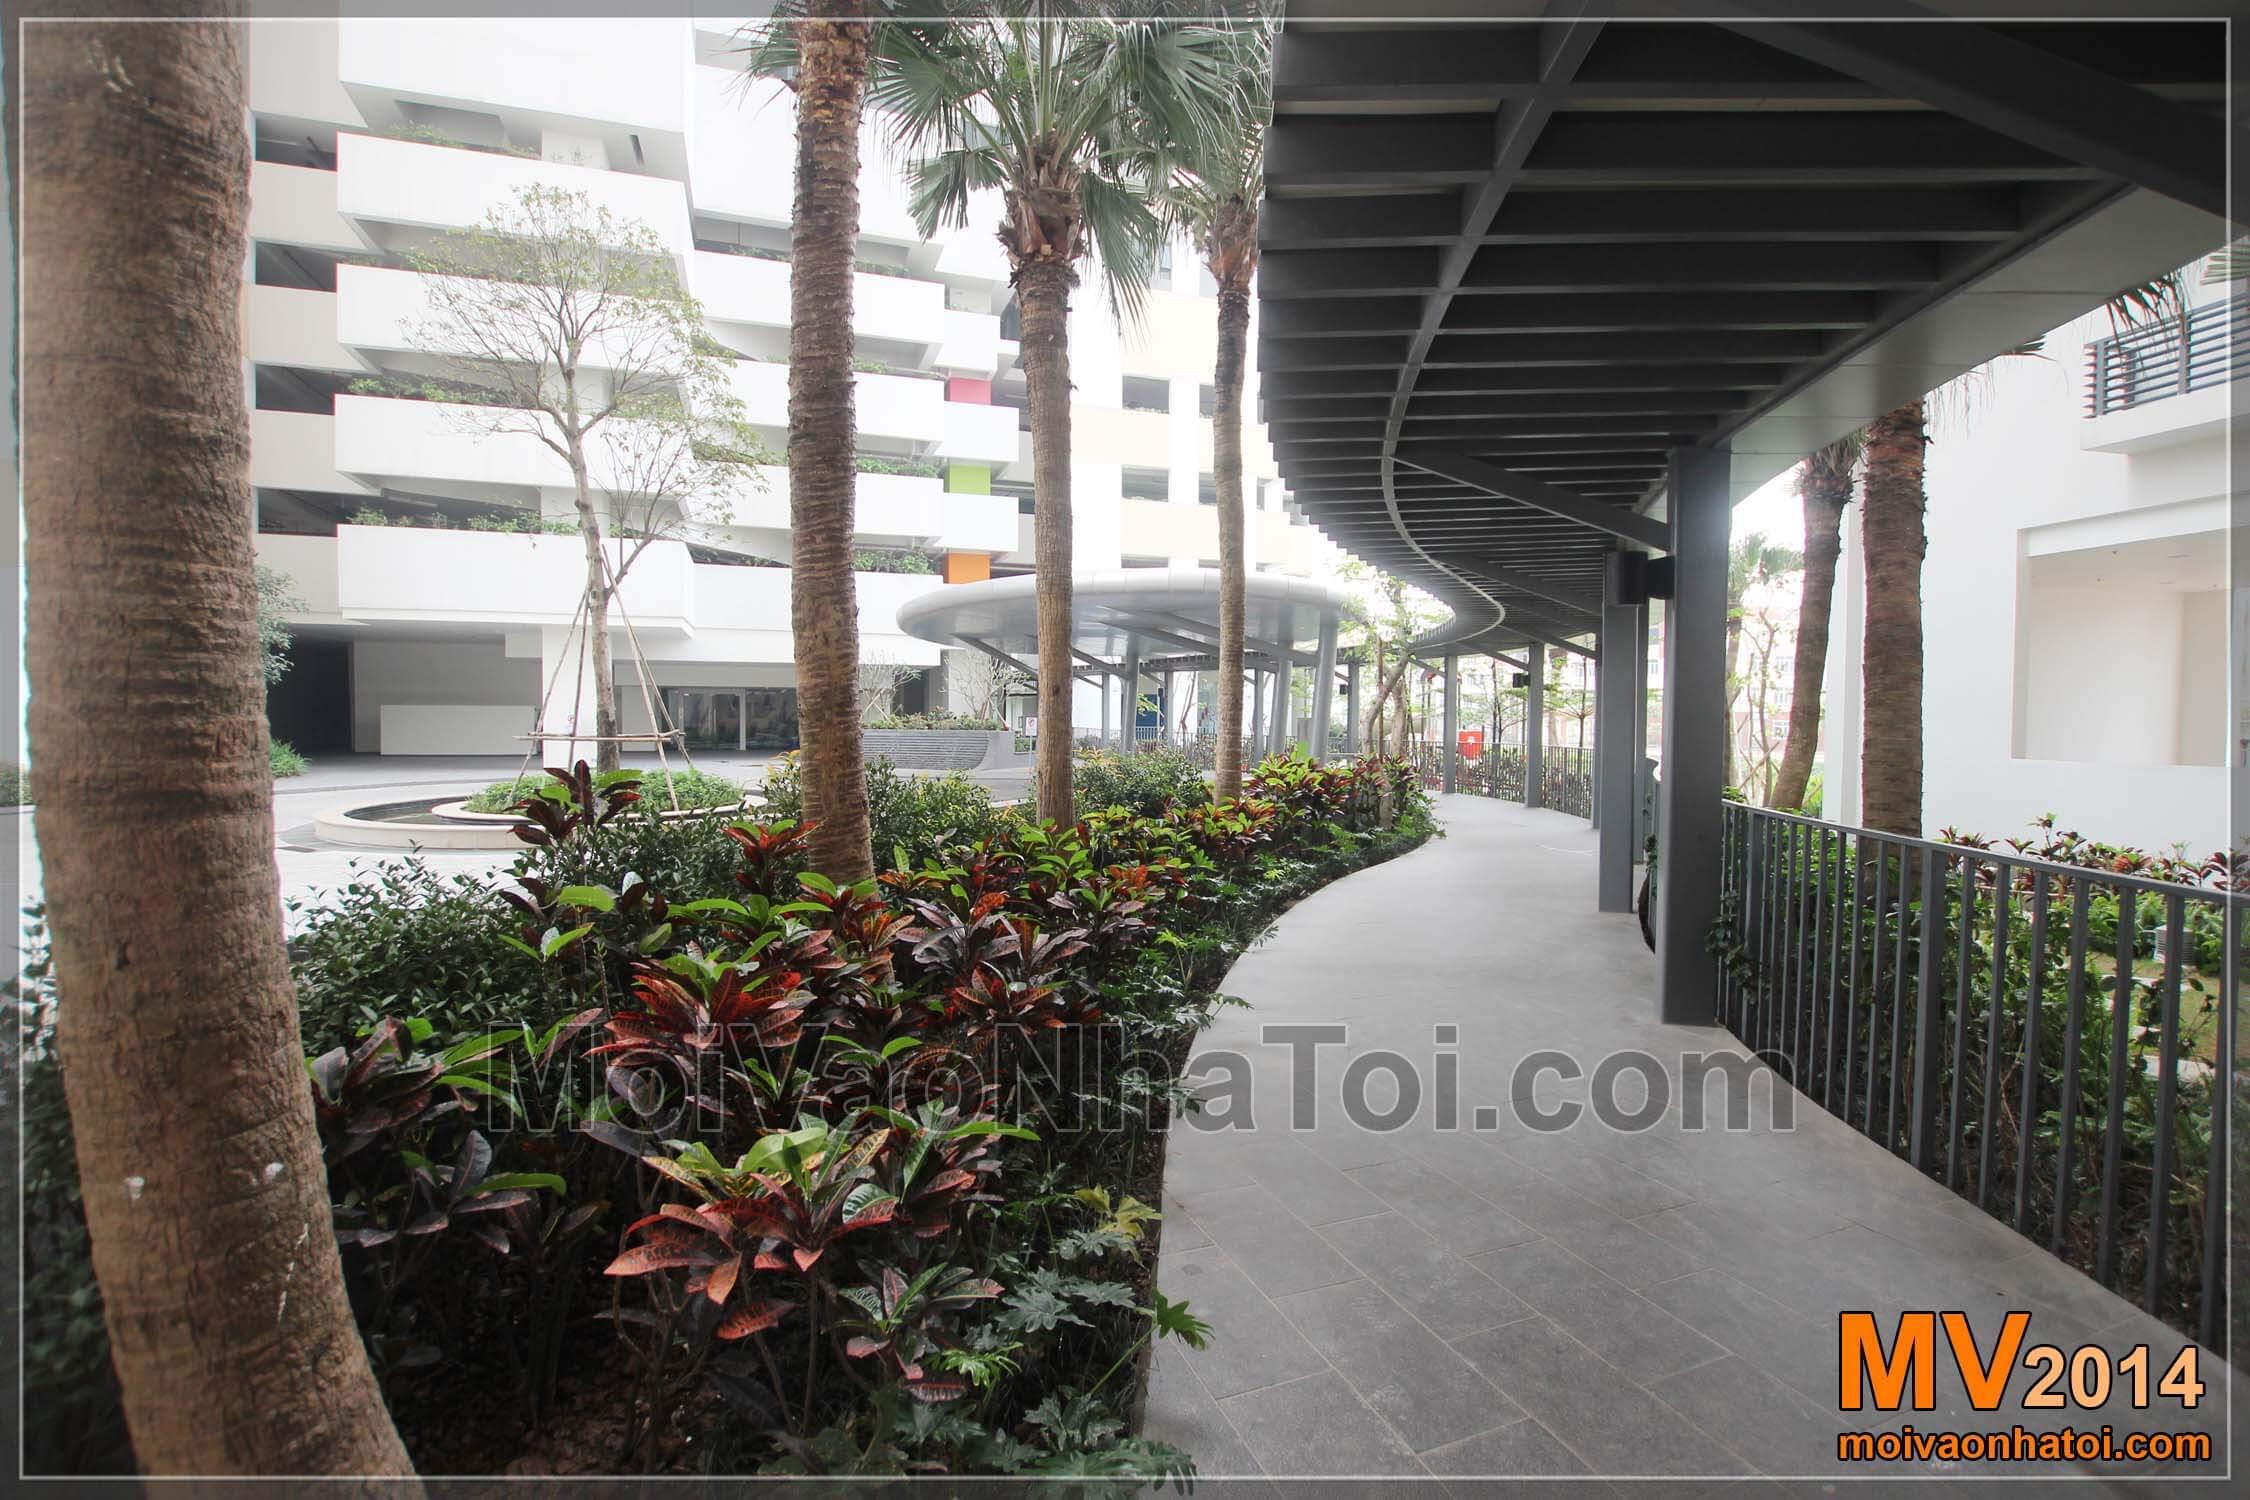 lối đi dạo trong khuôn viên chung cư mulberry lane. thiết kế thi công chung cư mulberry lane